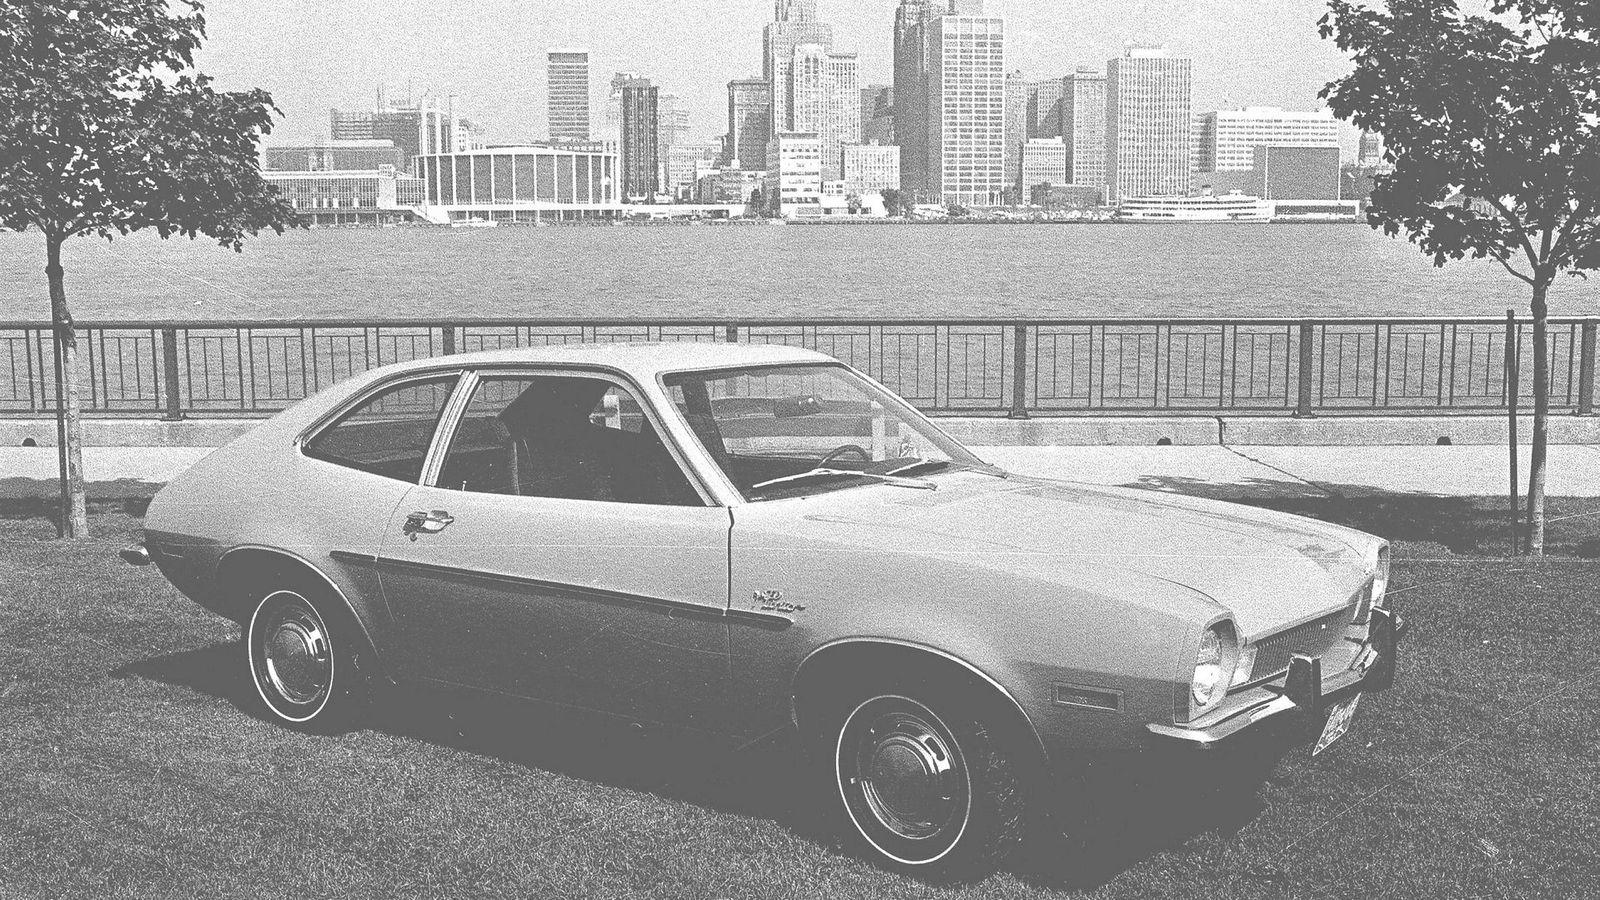 Da Ford-ledelsen i 1971 sendte nyvinningen Ford Pinto ut på veien, visste de at bilen hadde en feilkonstruksjon.